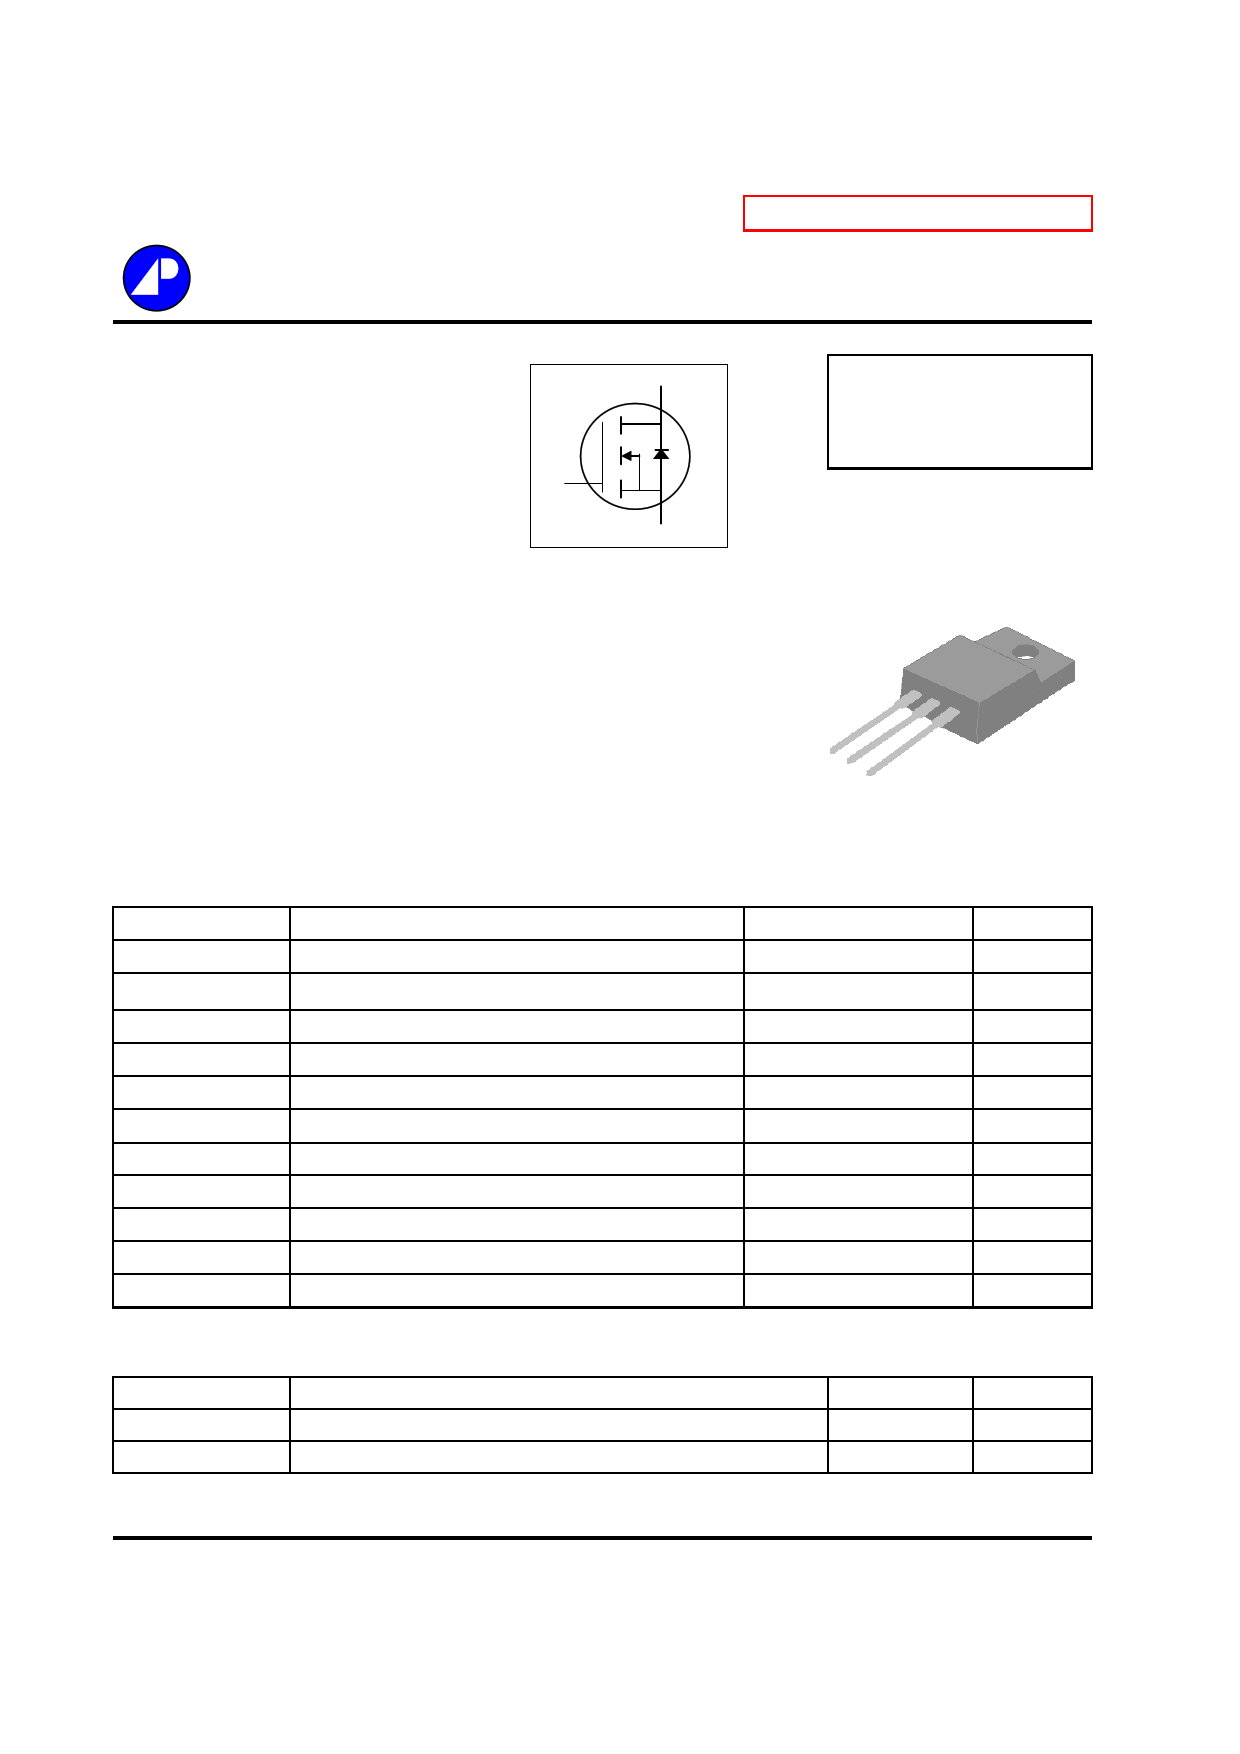 2761I-A datasheet image